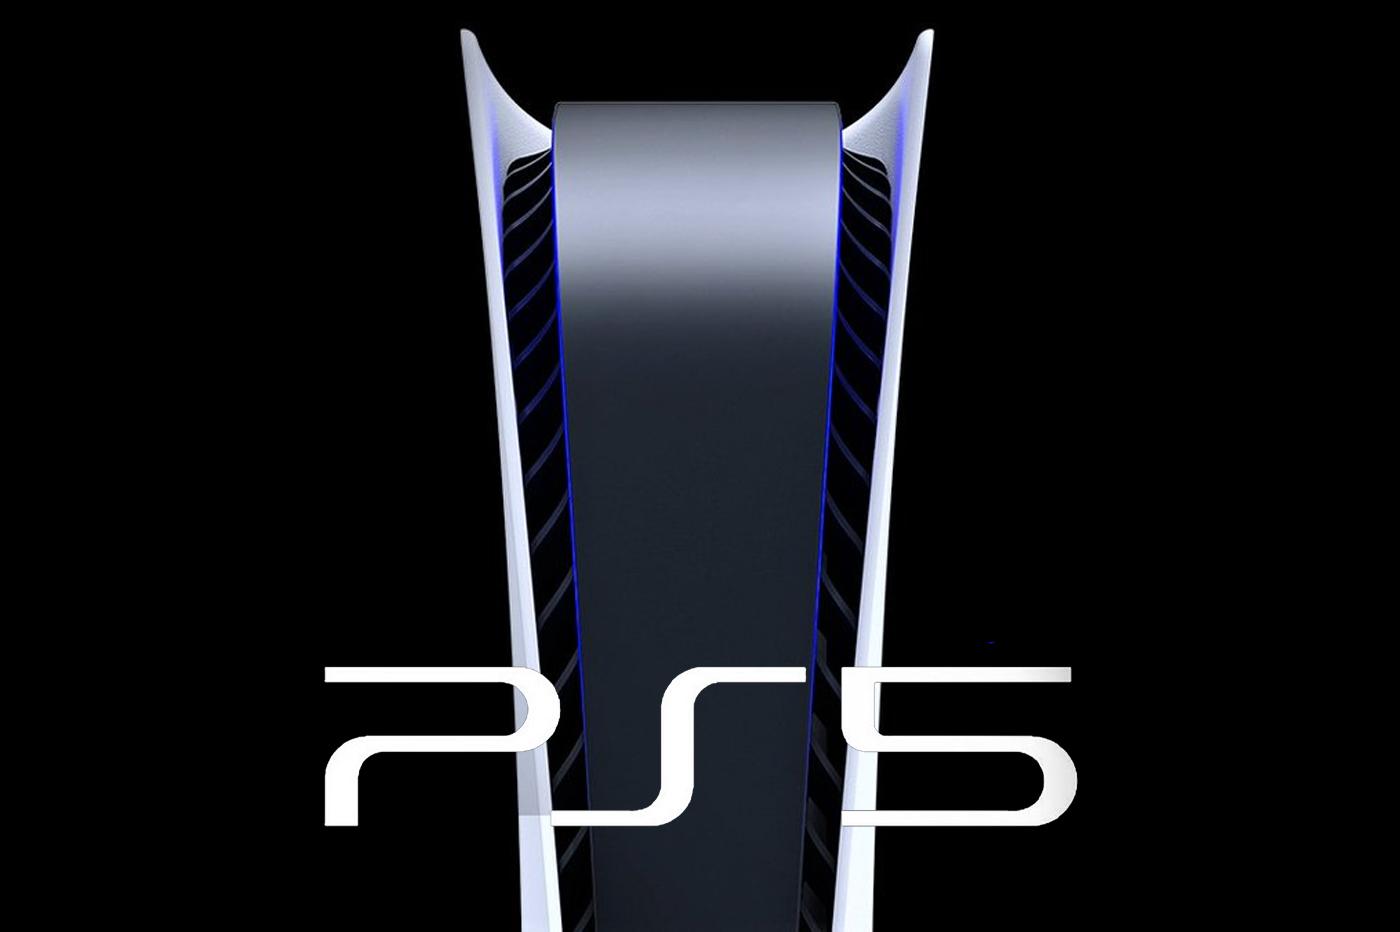 PS5 : le restock des consoles cause un véritable chaos en ligne...